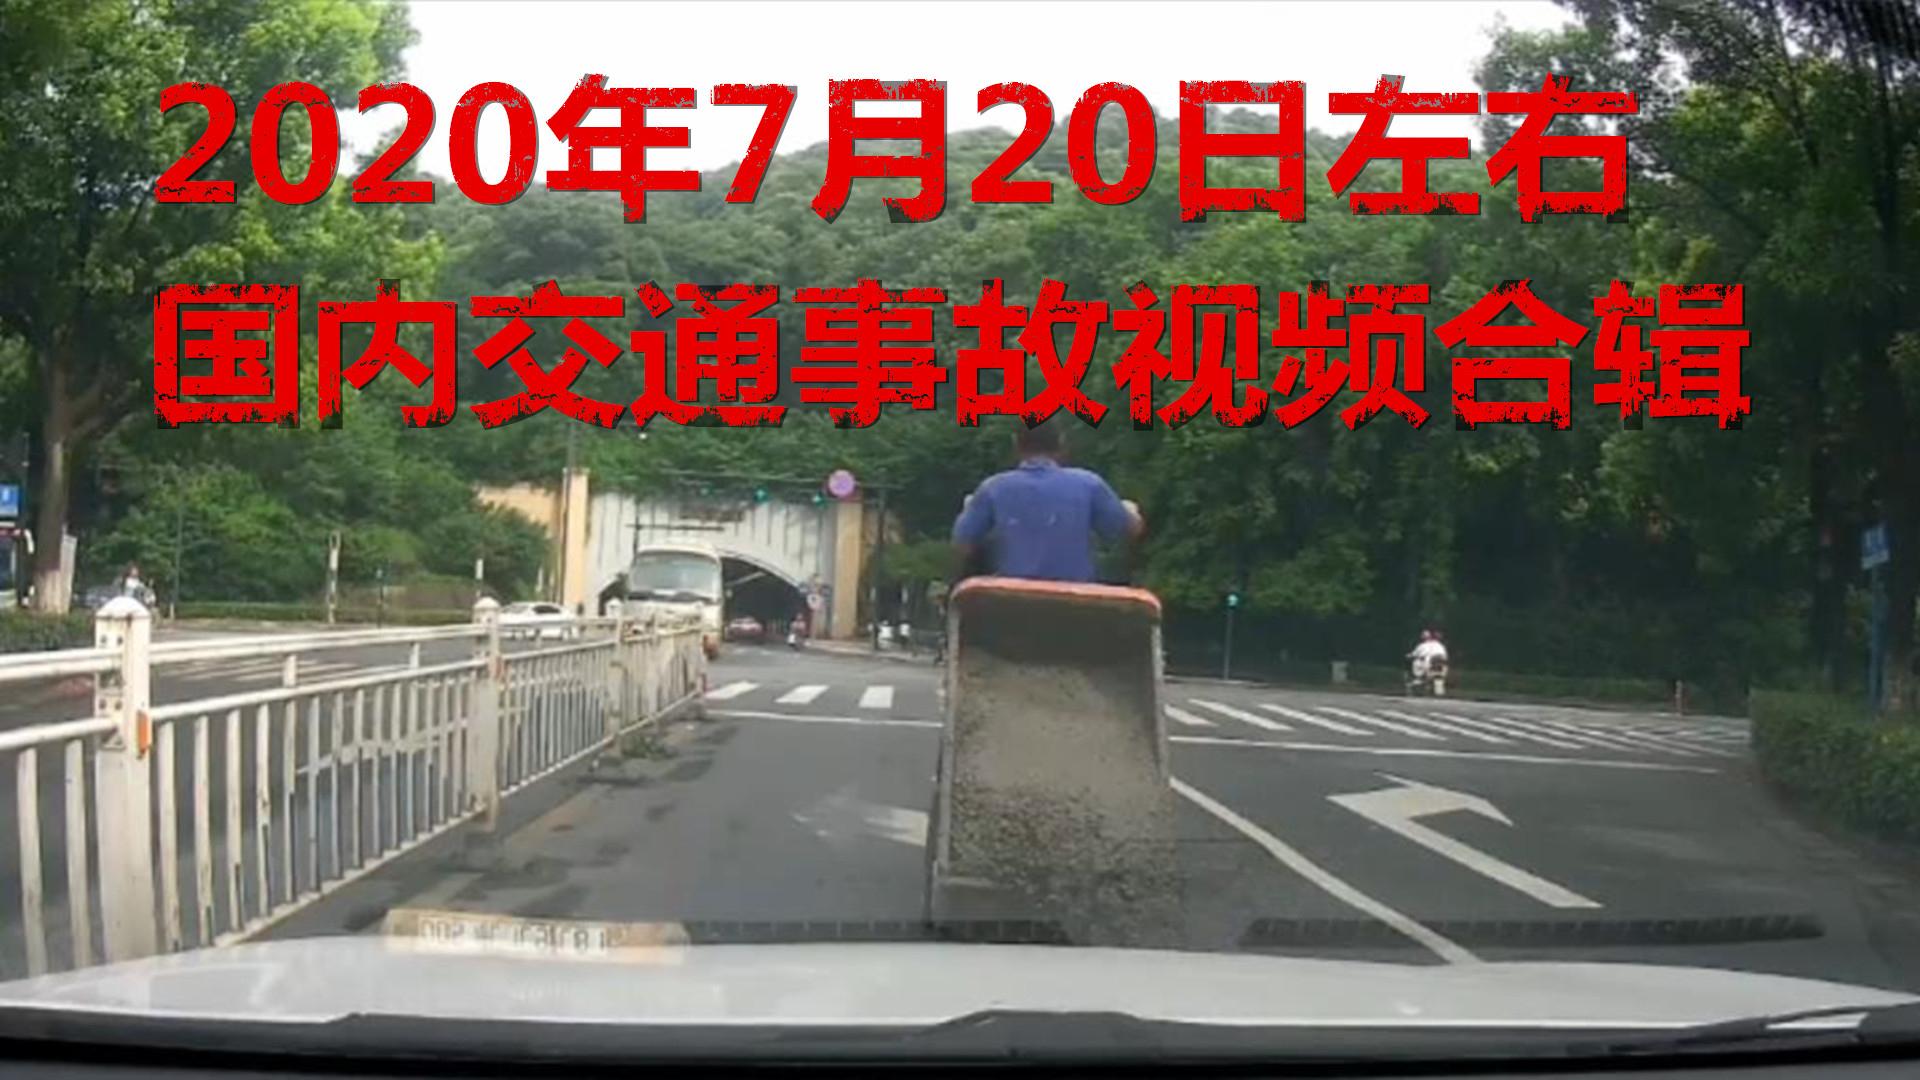 2020年7月20日左右国内交通事故视频合辑(被喇叭催促烦了当街铺路)